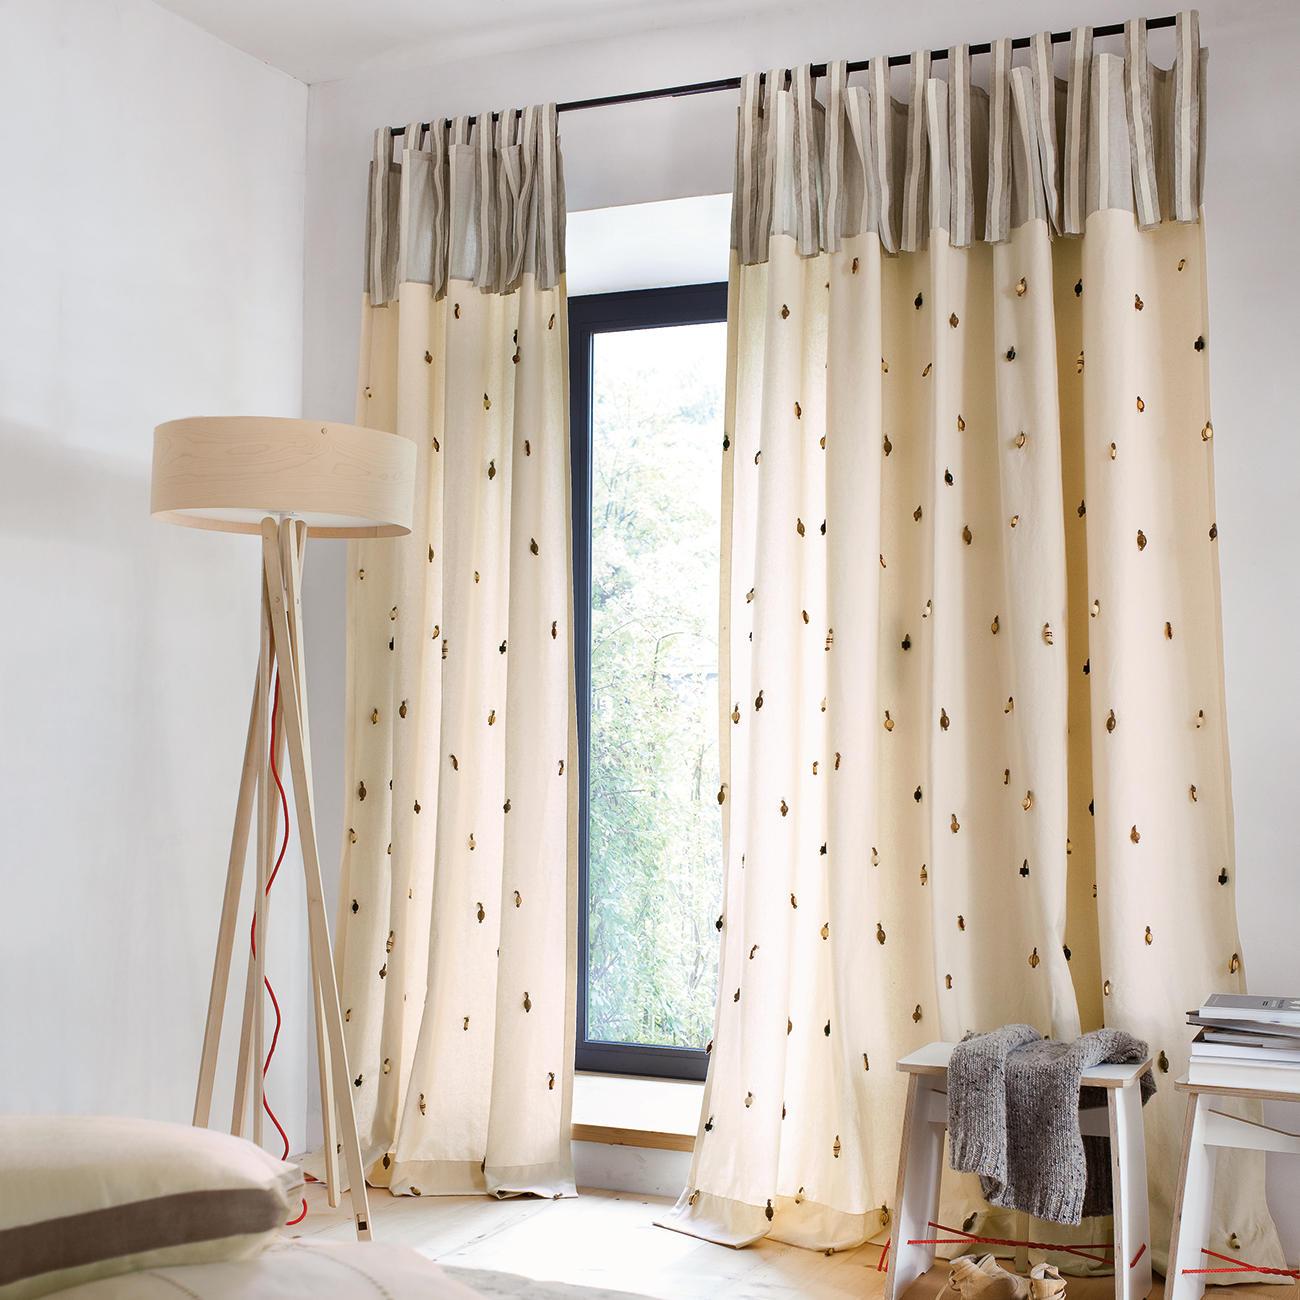 vorhang button 1 vorhang mit 3 jahren garantie. Black Bedroom Furniture Sets. Home Design Ideas